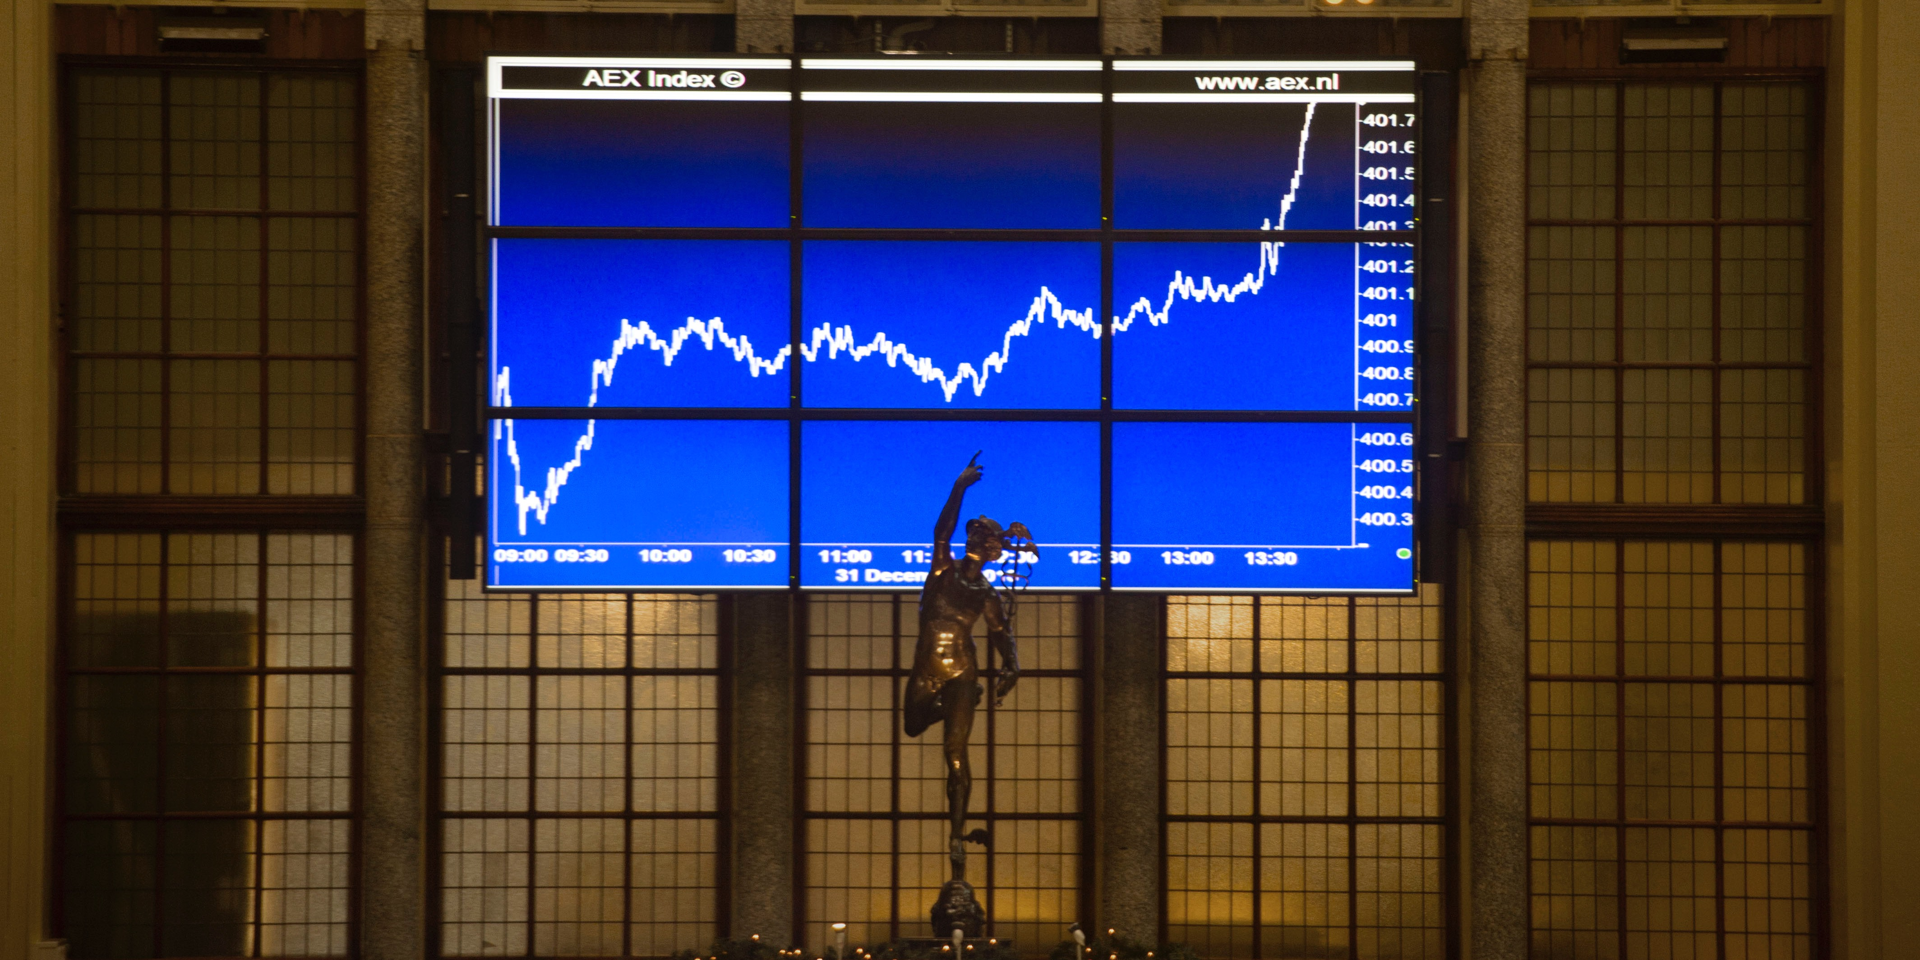 BREKEND: AEX virtueel boven de 700